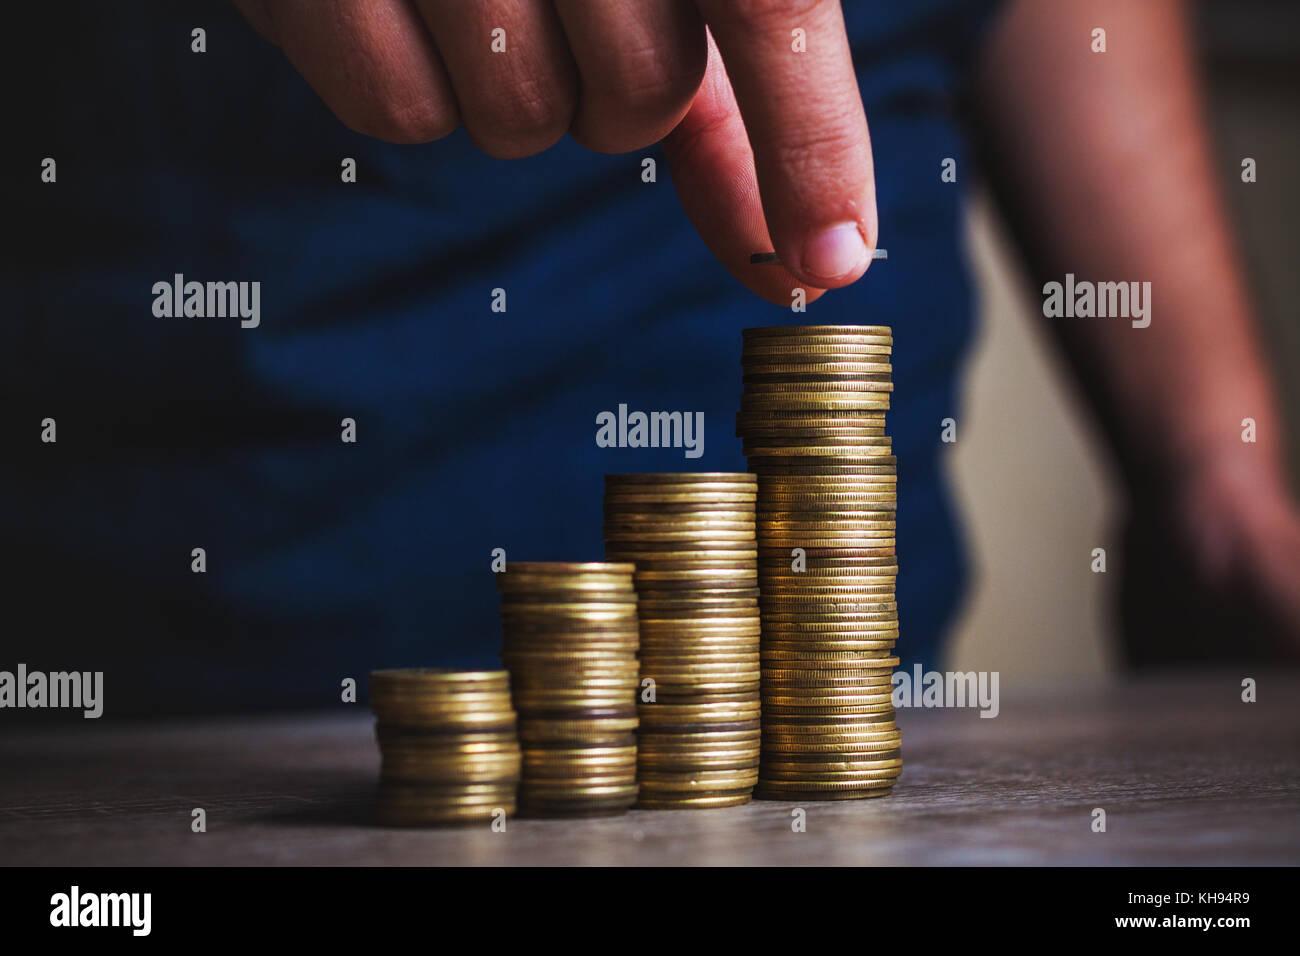 Mano d'uomo messo il denaro delle monete per pila di monete. denaro, finanziari, crescita aziendale concept Immagini Stock